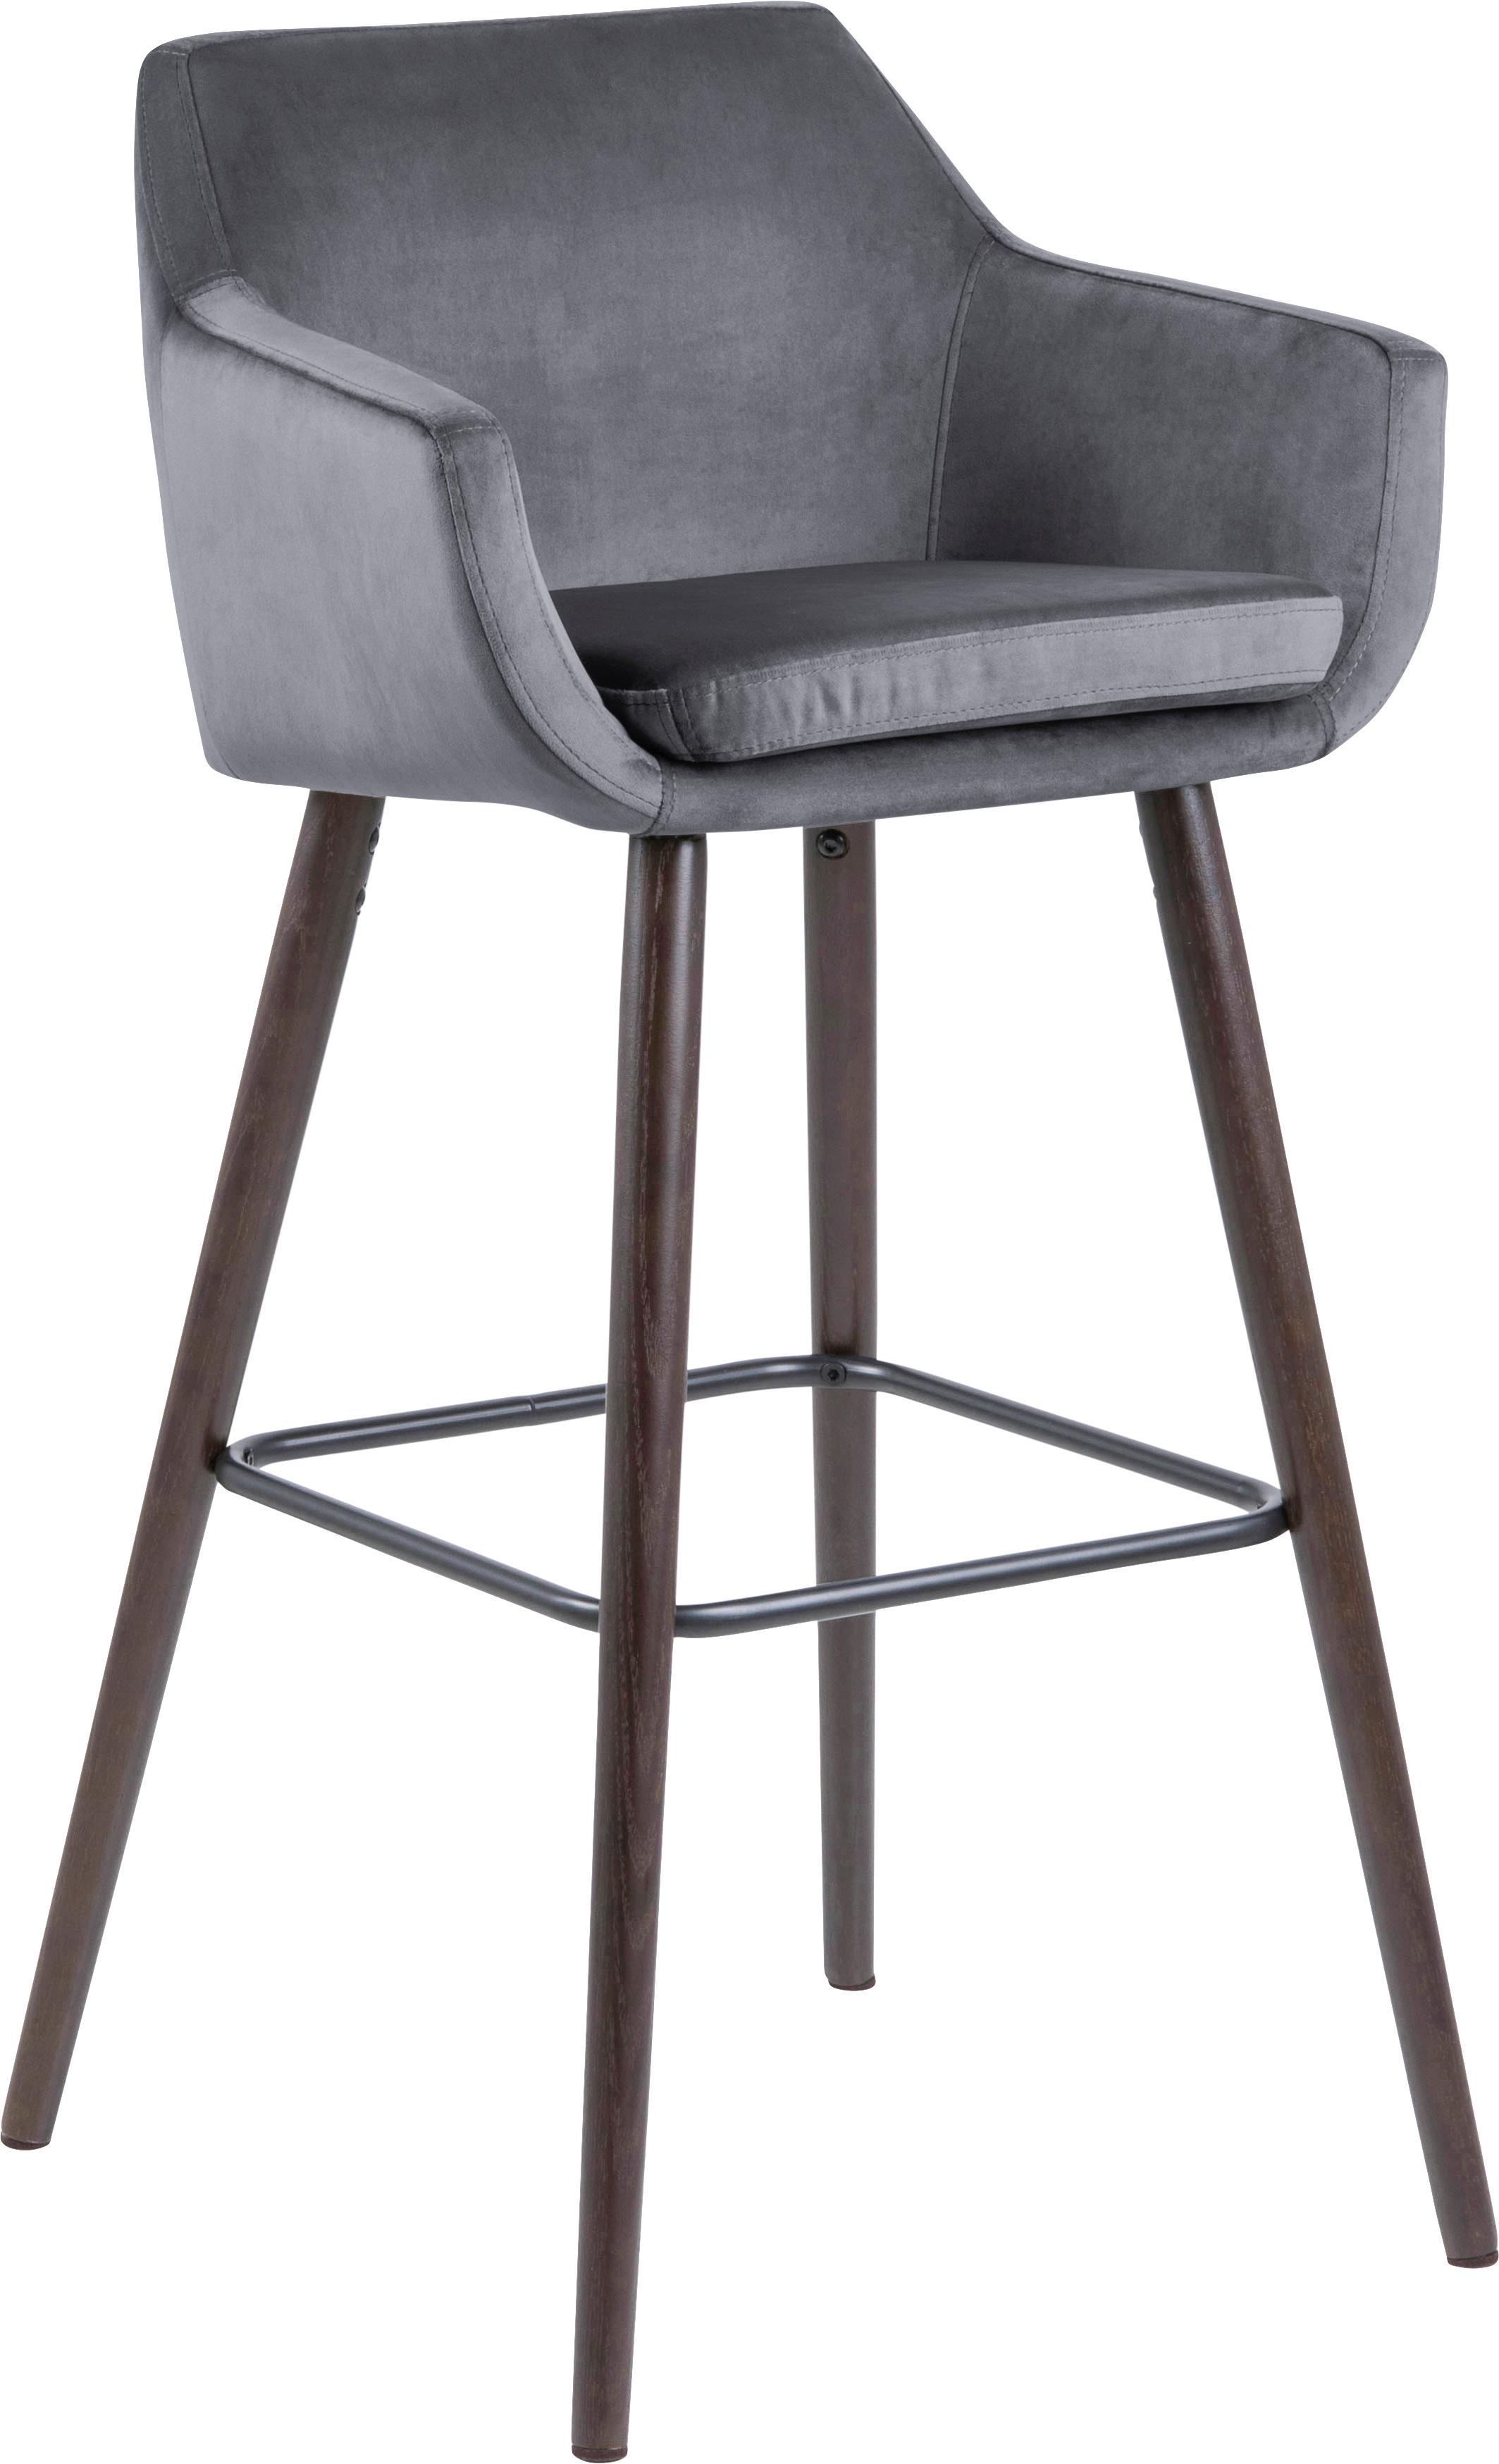 Krzesło barowe z aksamitu Nora, 2 szt., Tapicerka: aksamit poliestrowy 25 00, Nogi: drewno dębowe, bejcowane , Ciemny szary, ciemny brązowy, czarny, S 55 x W 101 cm